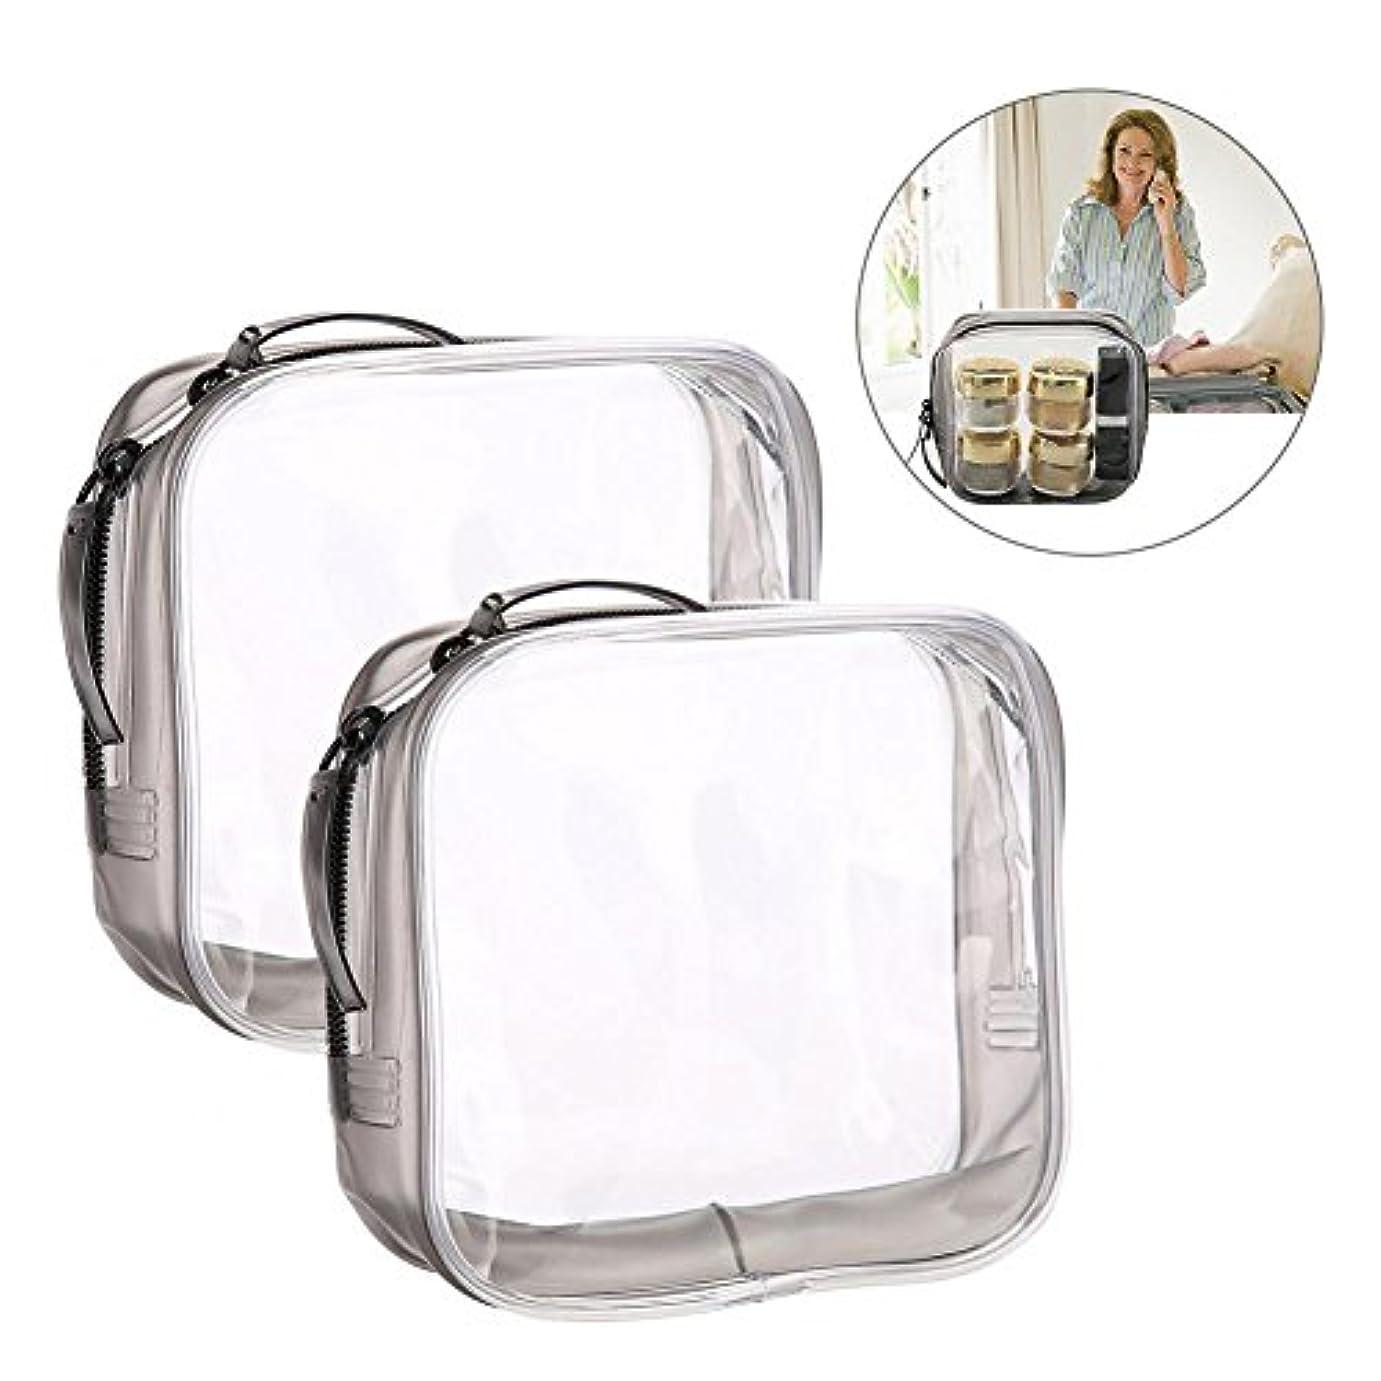 メイクアップバッグ 旅行&家庭用 収納トイレタリー 透明 PVC 化粧品バッグ(S)